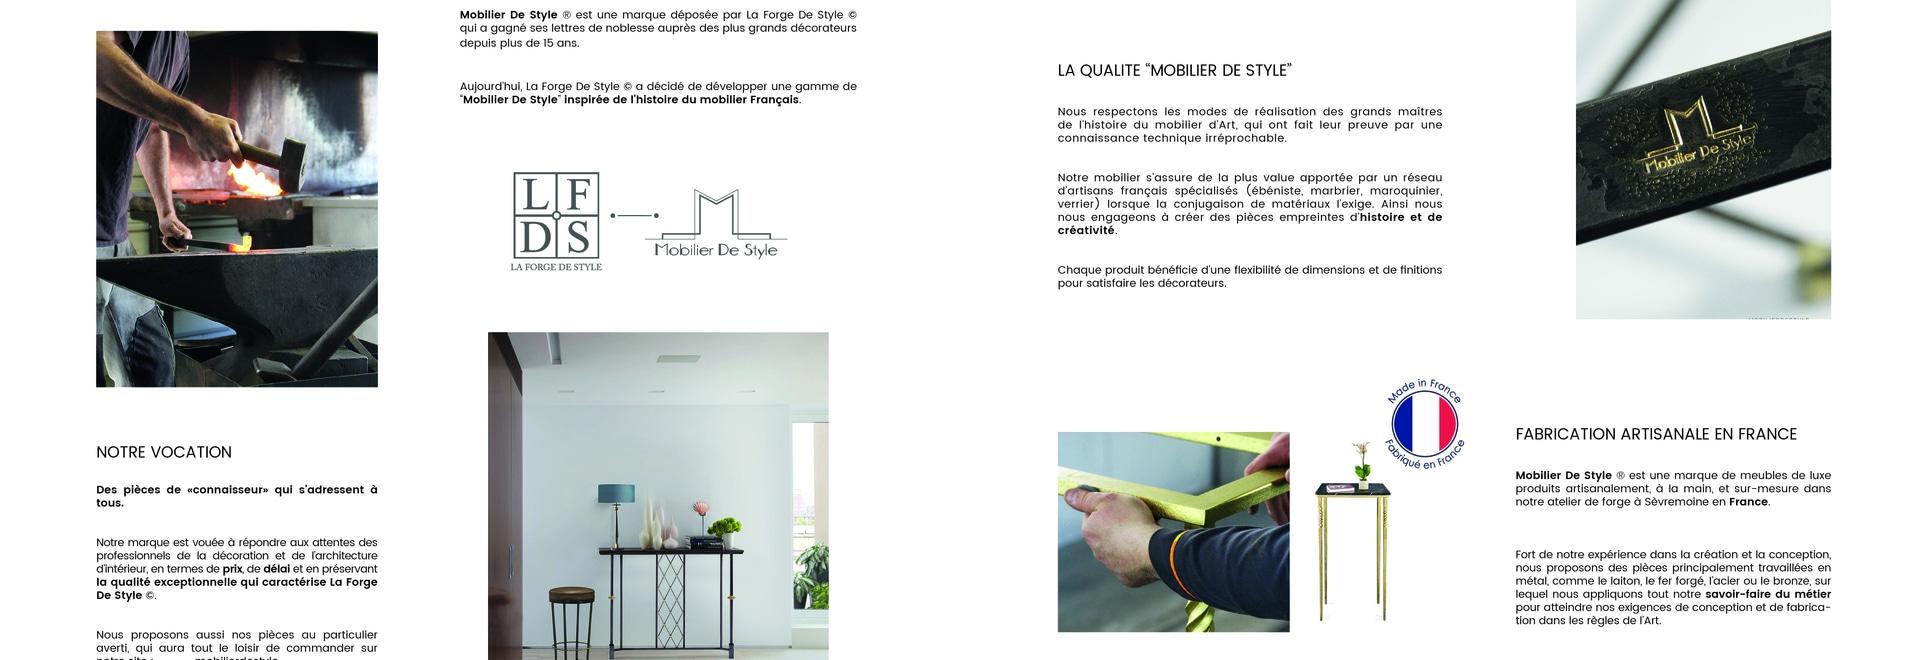 catalogue mobilier de style 2018 11